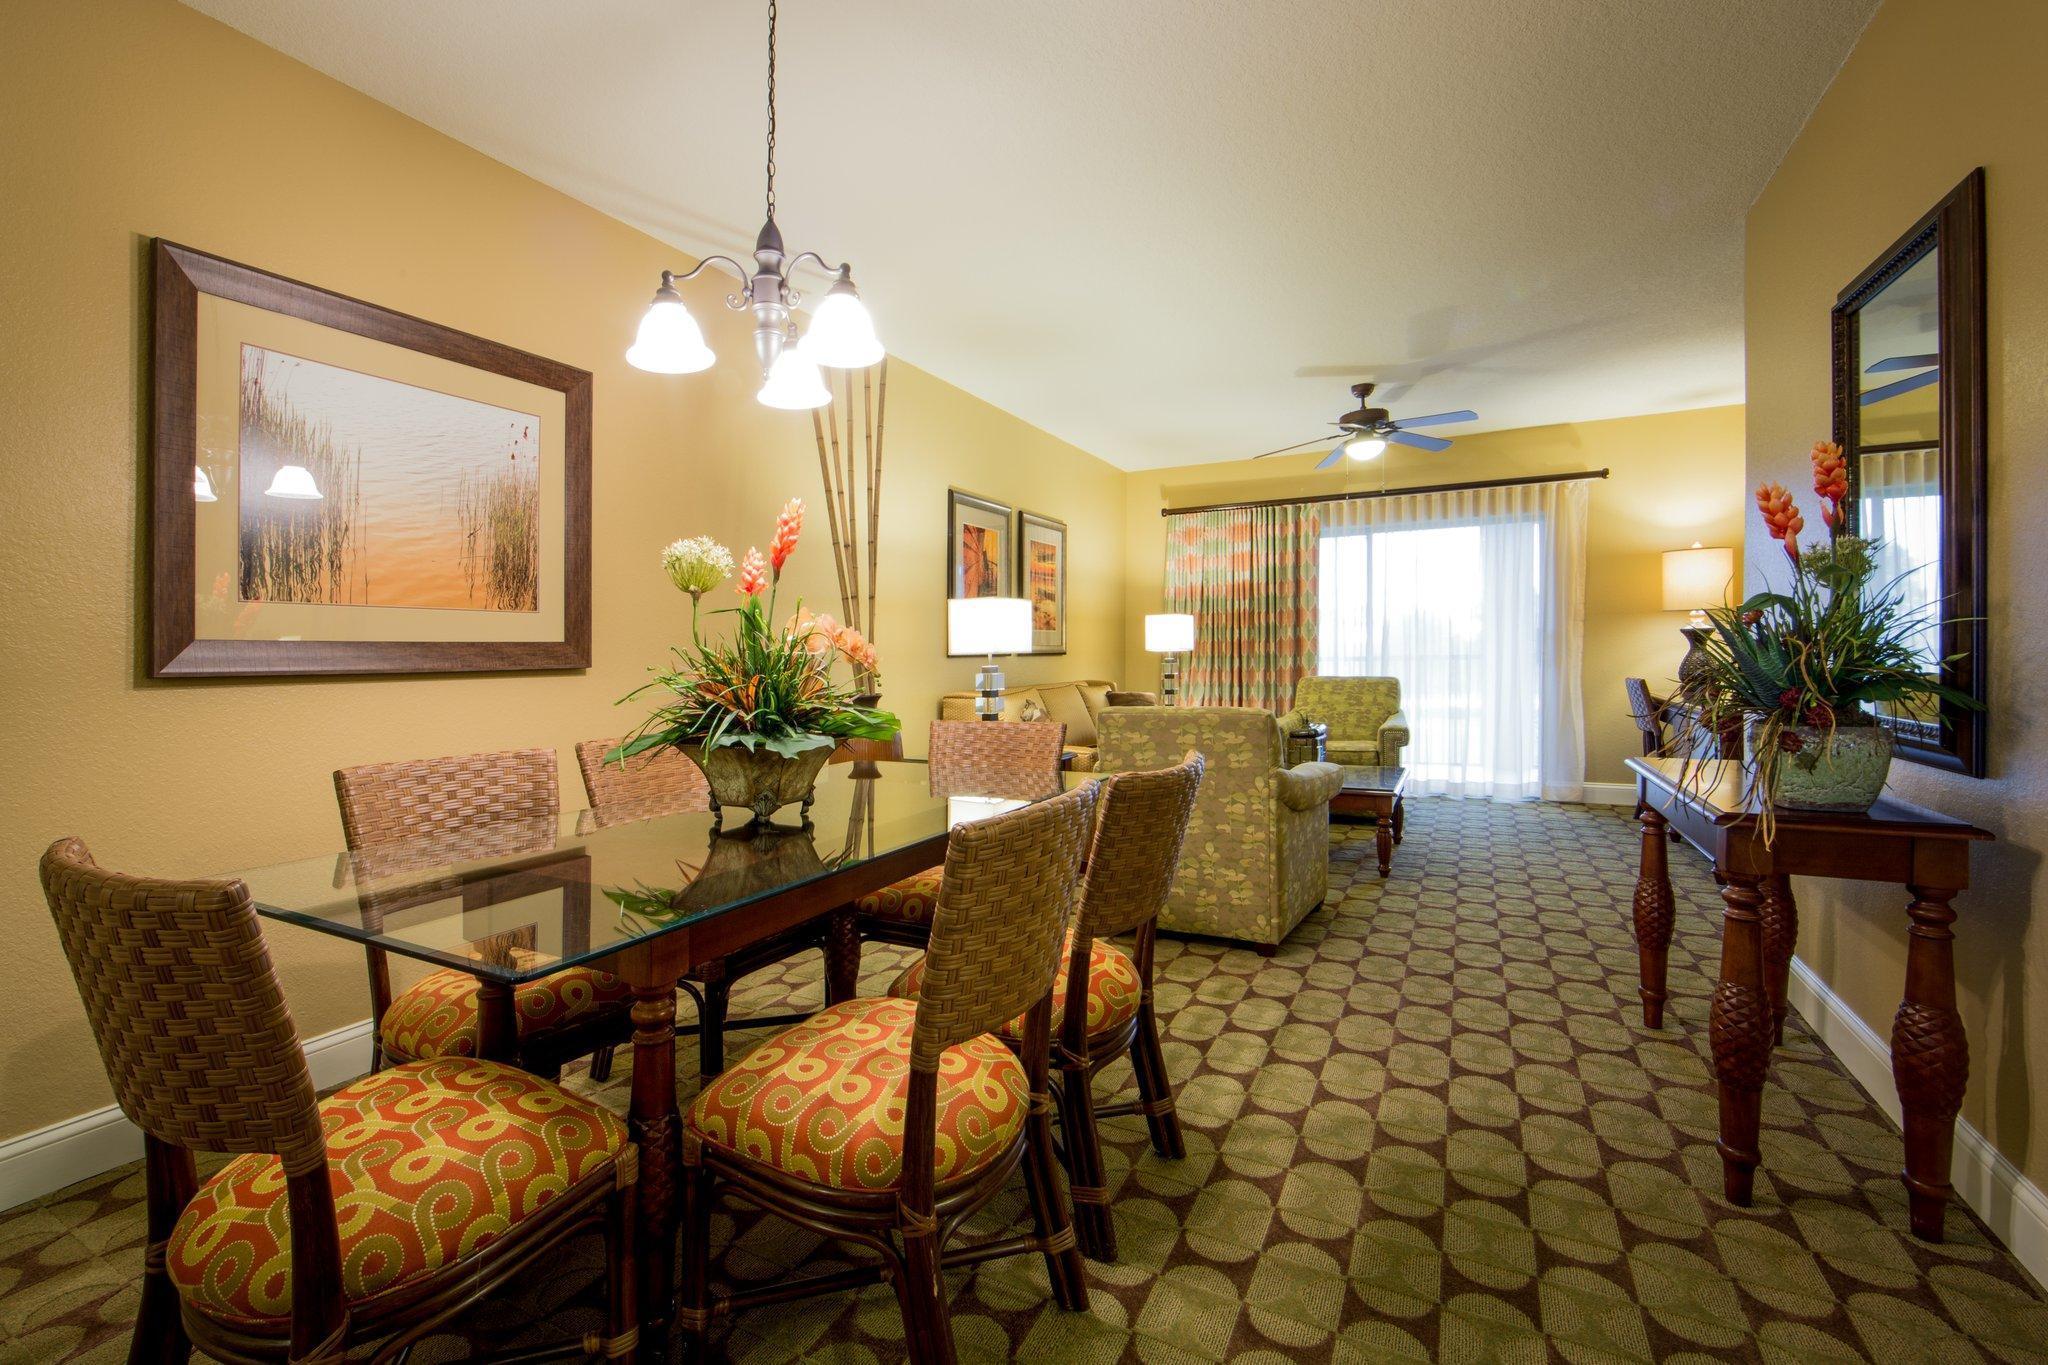 Holiday Inn Club Vacations At Orange Lake Resort Orlando Florida Ceny I Otzyvy Na Agoda